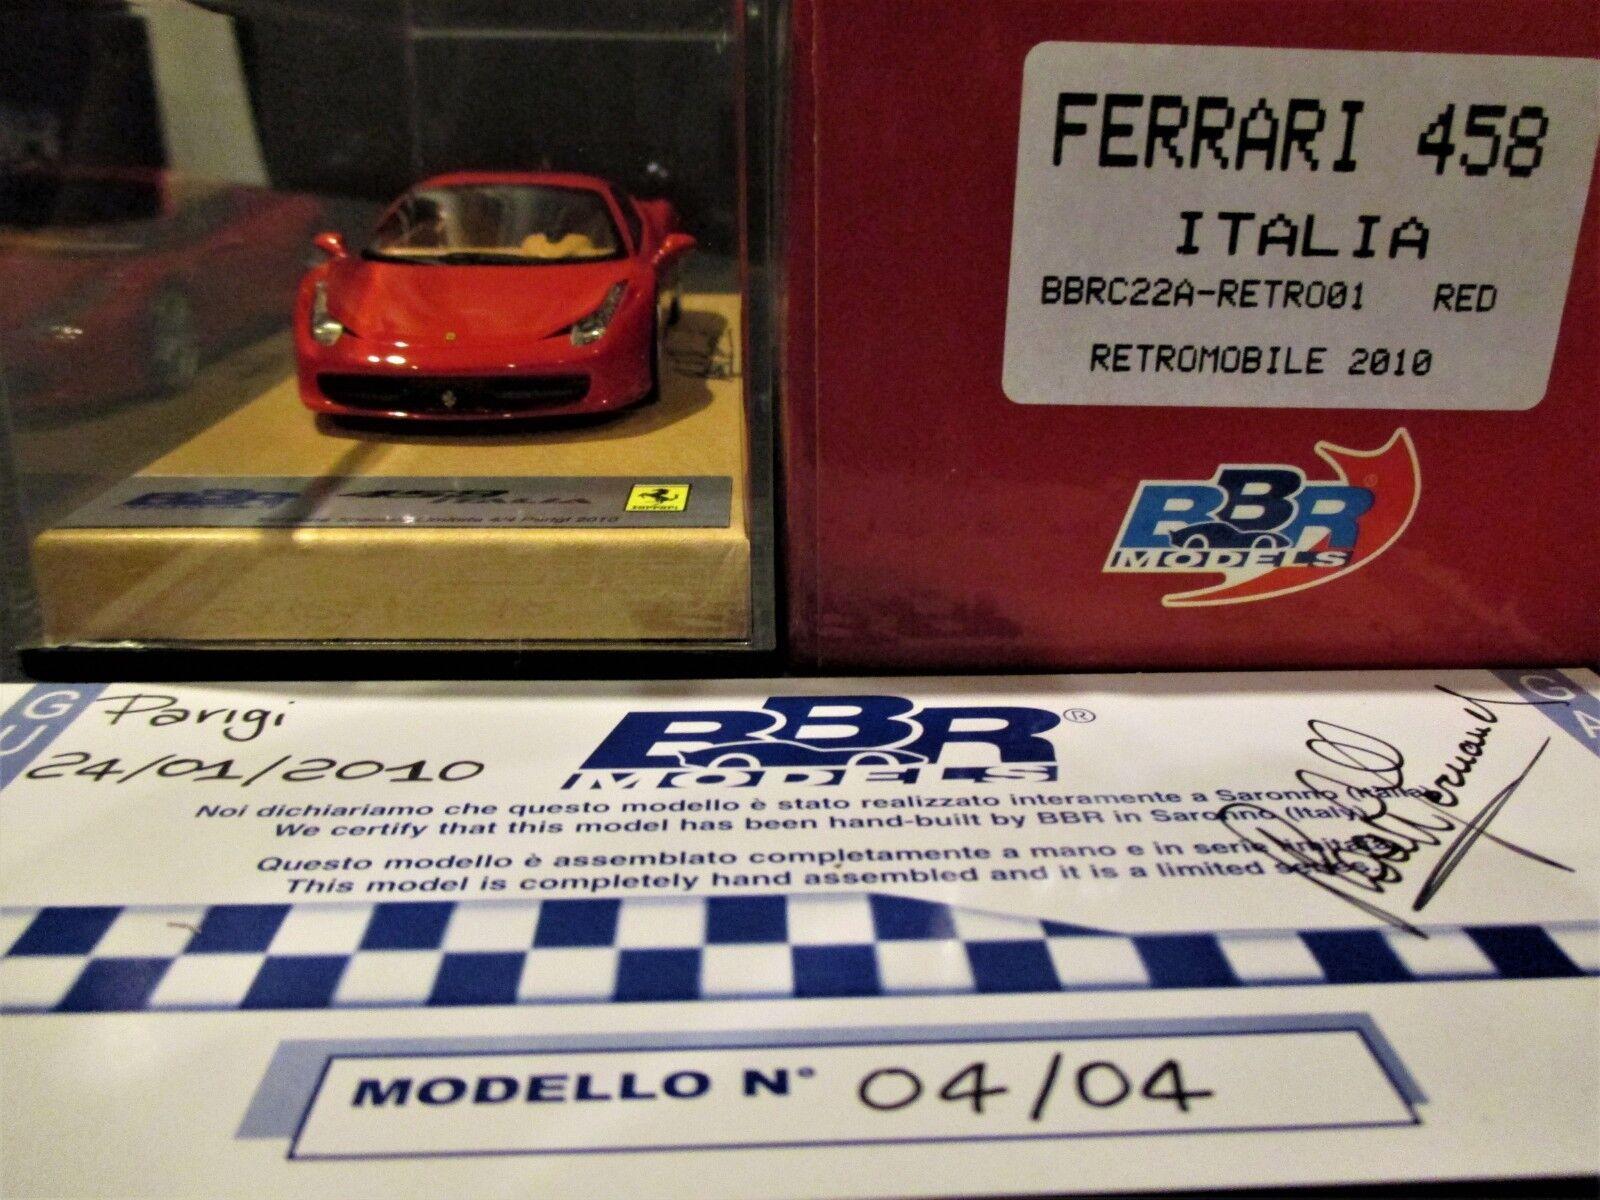 FERRARI 458 COUPE red CORSA 322 RETROMOBILE BBR 1 43  BBRC22A-RETRO01 N°04 04